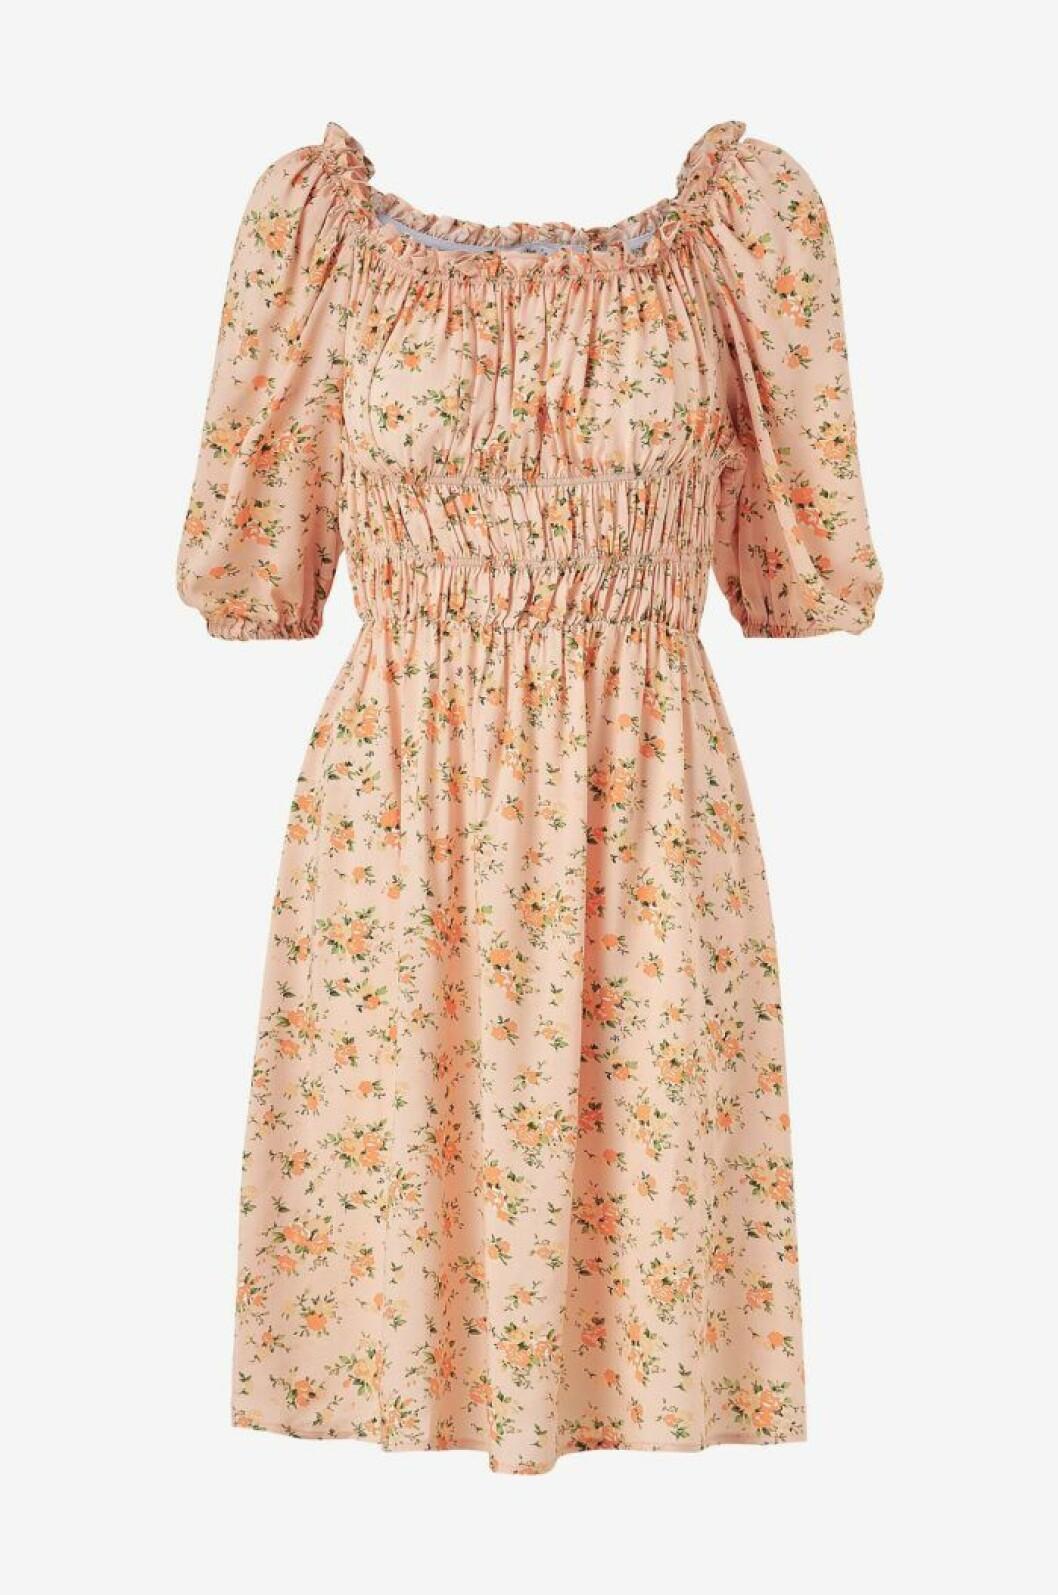 Blommig klänning med puffärm till midsommar 2020